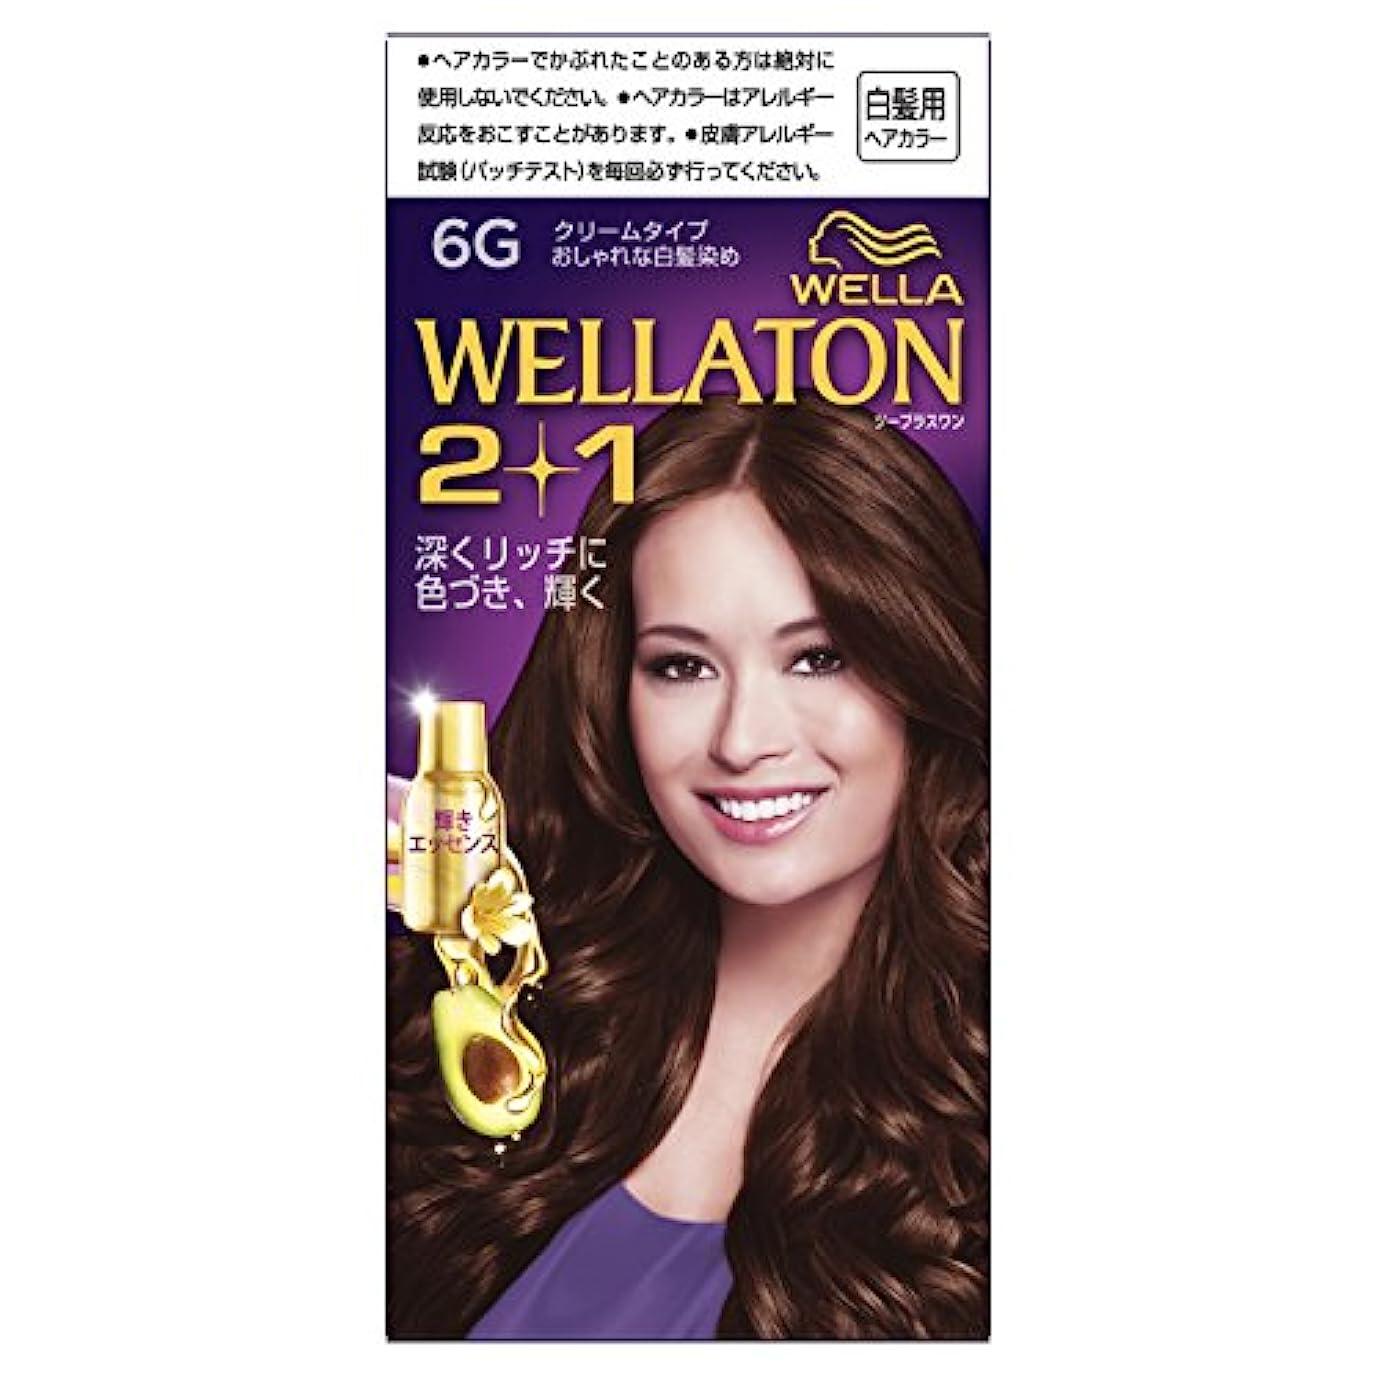 ロープ一般的に削除するウエラトーン2+1 クリームタイプ 6G [医薬部外品](おしゃれな白髪染め)